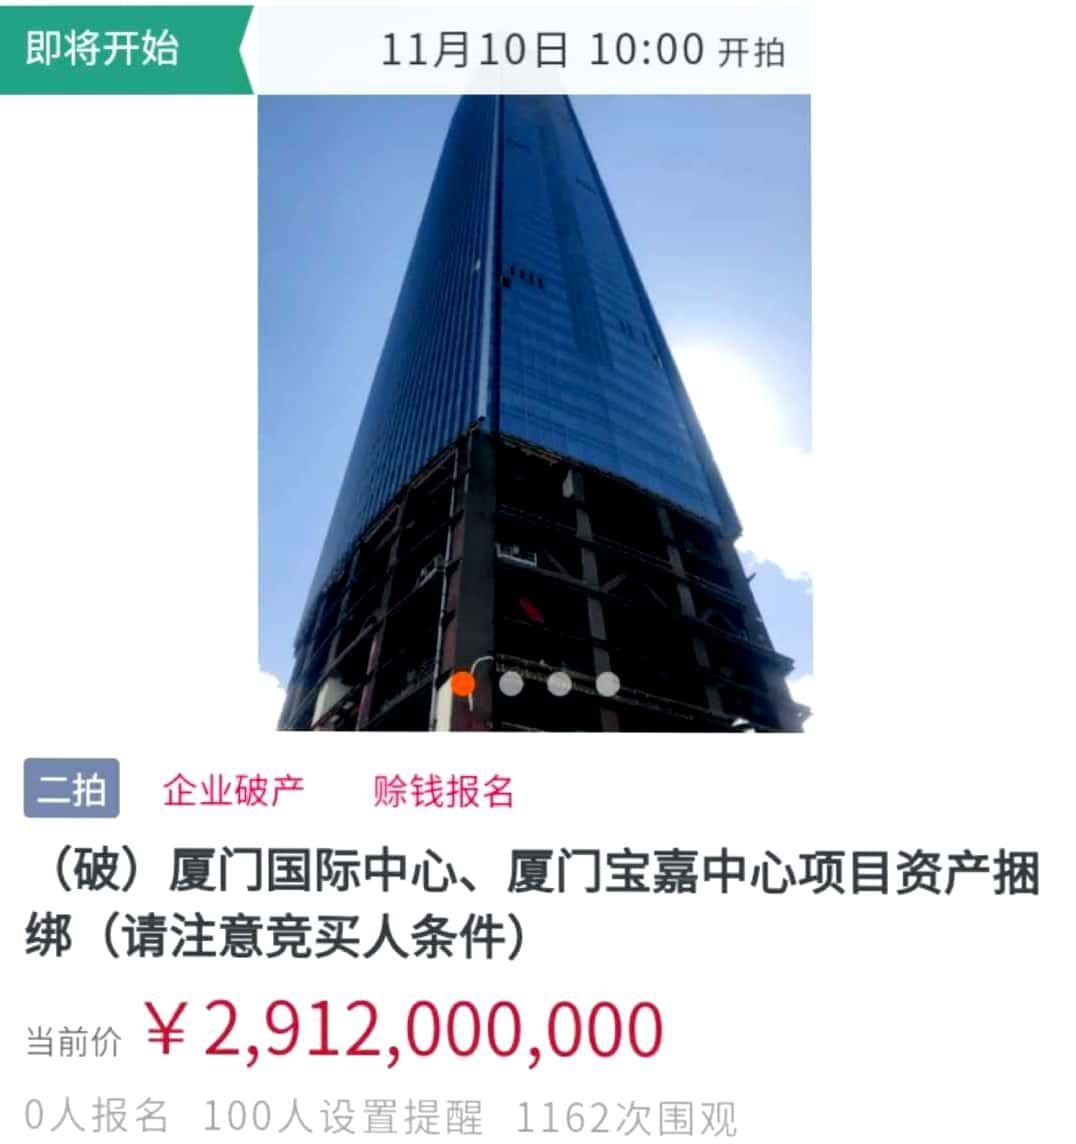 廈門第一高樓將於下月二次拍賣 起拍價降兩成至29.12億-中國網地産